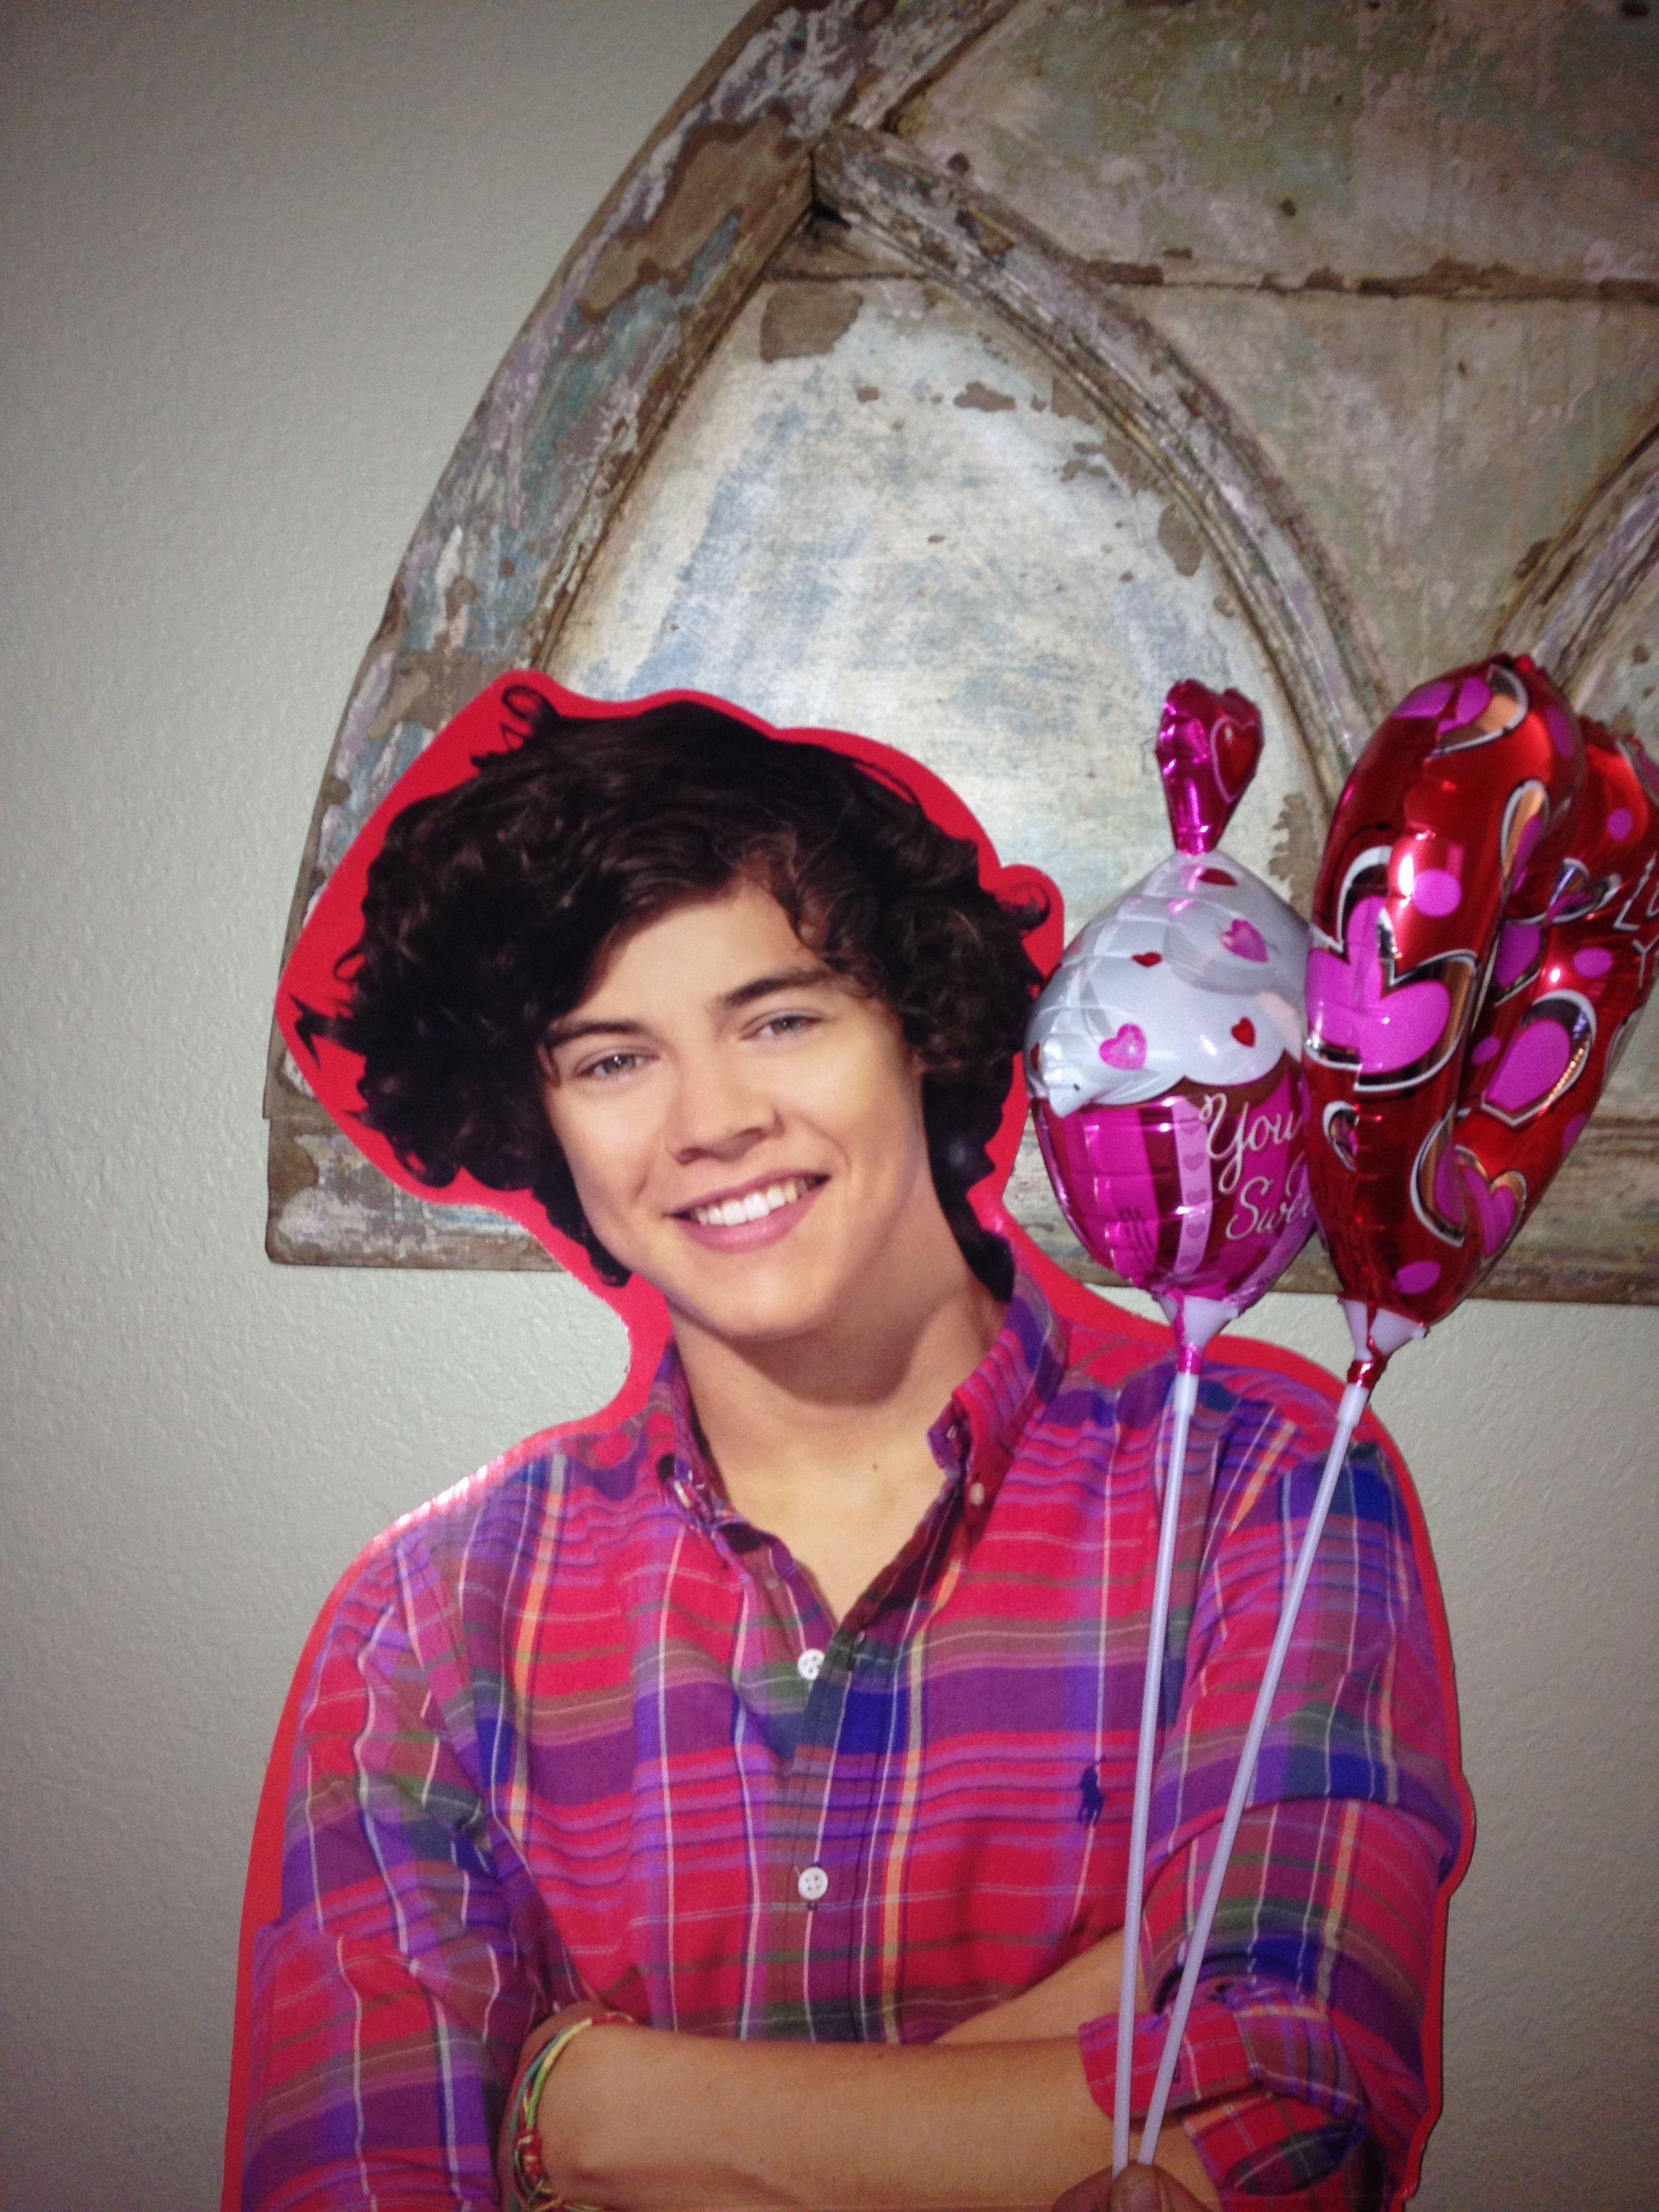 happy valentines one direction